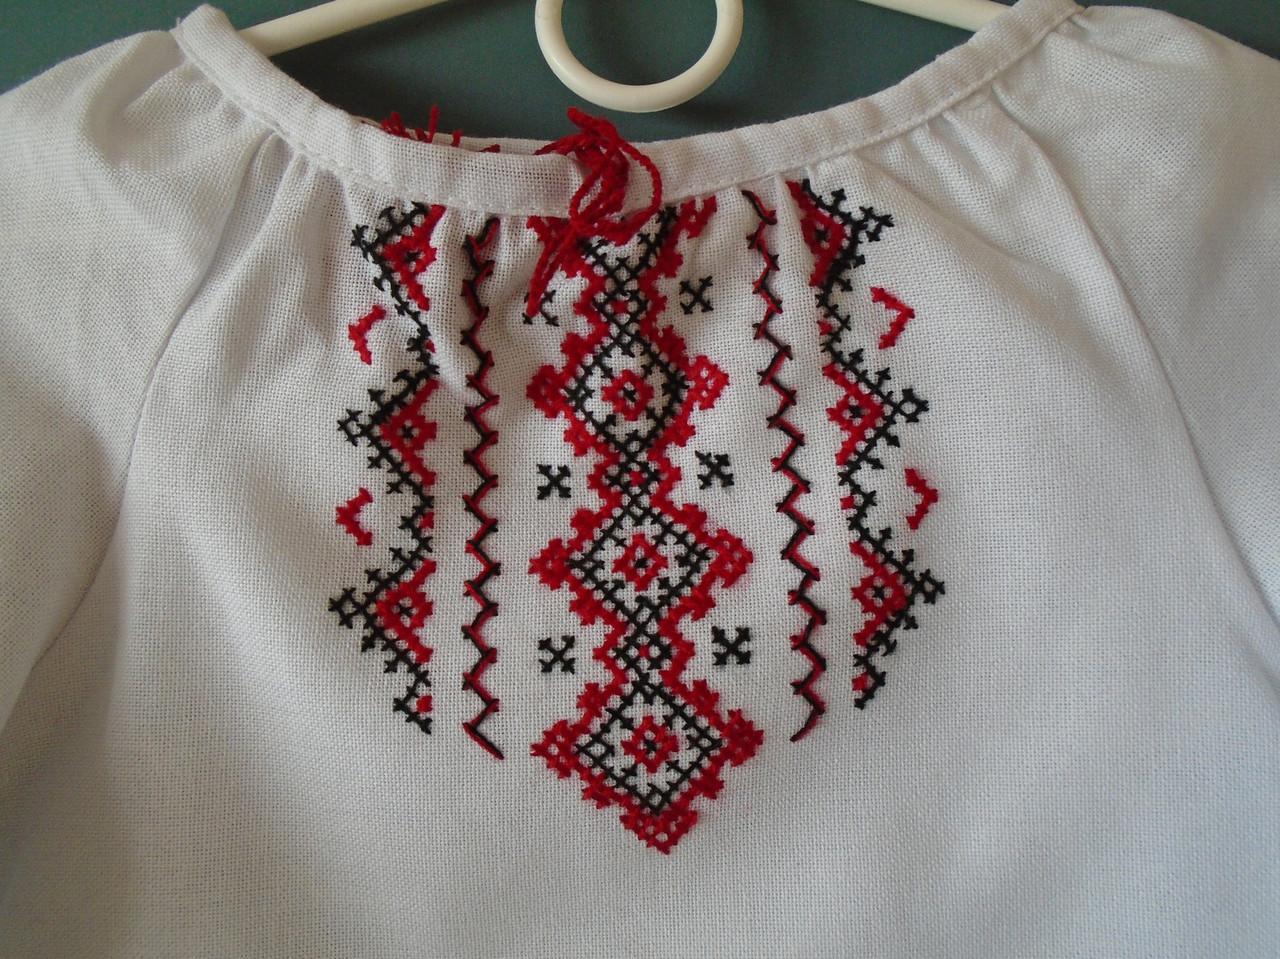 d39417070e4c61 Вишиванка для дівчинки від 2-3 років на білому домотканому полотні, фото 2  ...